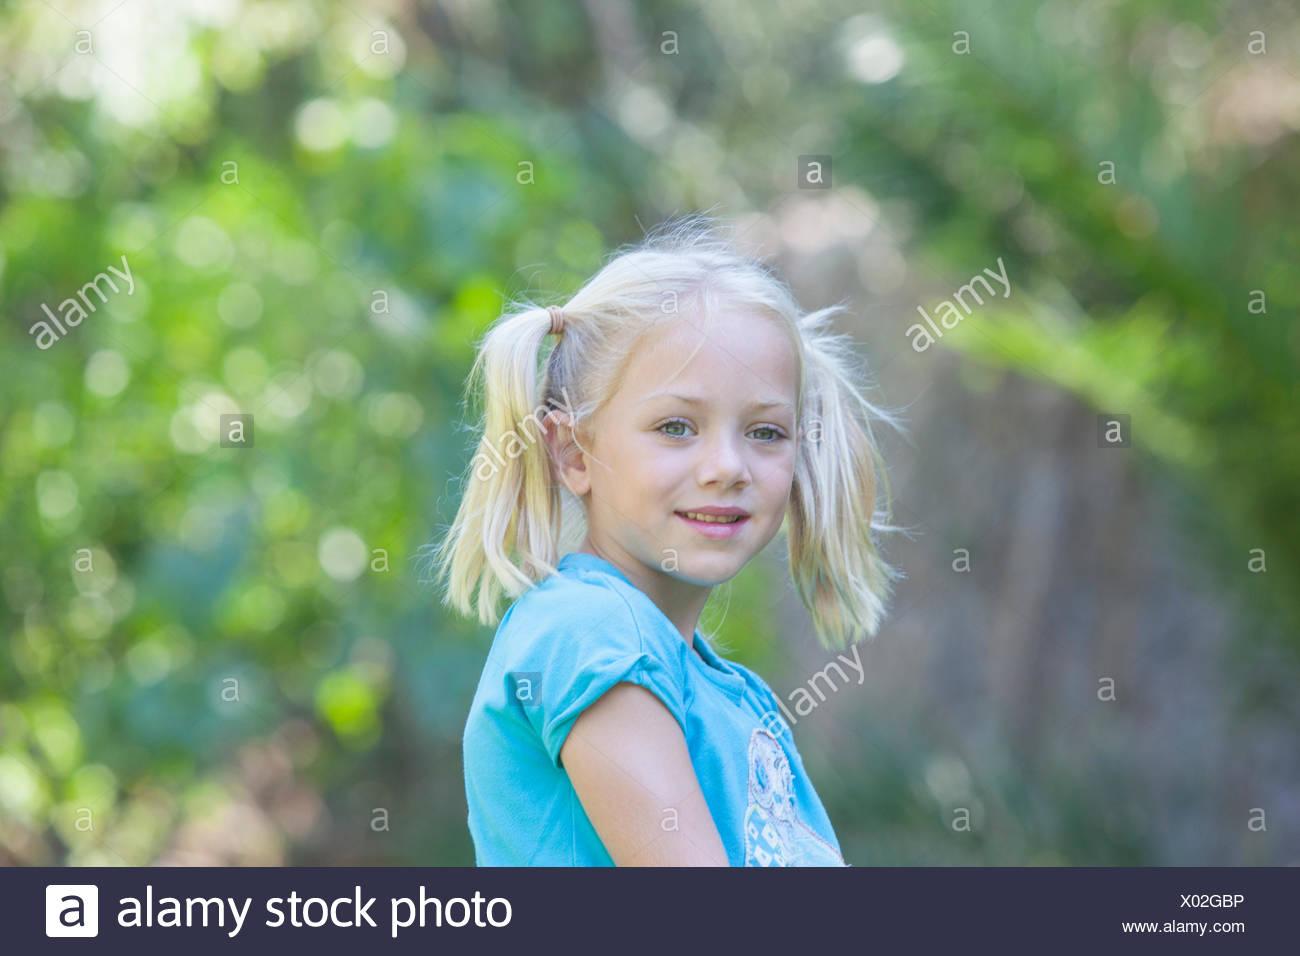 Retrato de chica buscando que fuera en el jardín Imagen De Stock